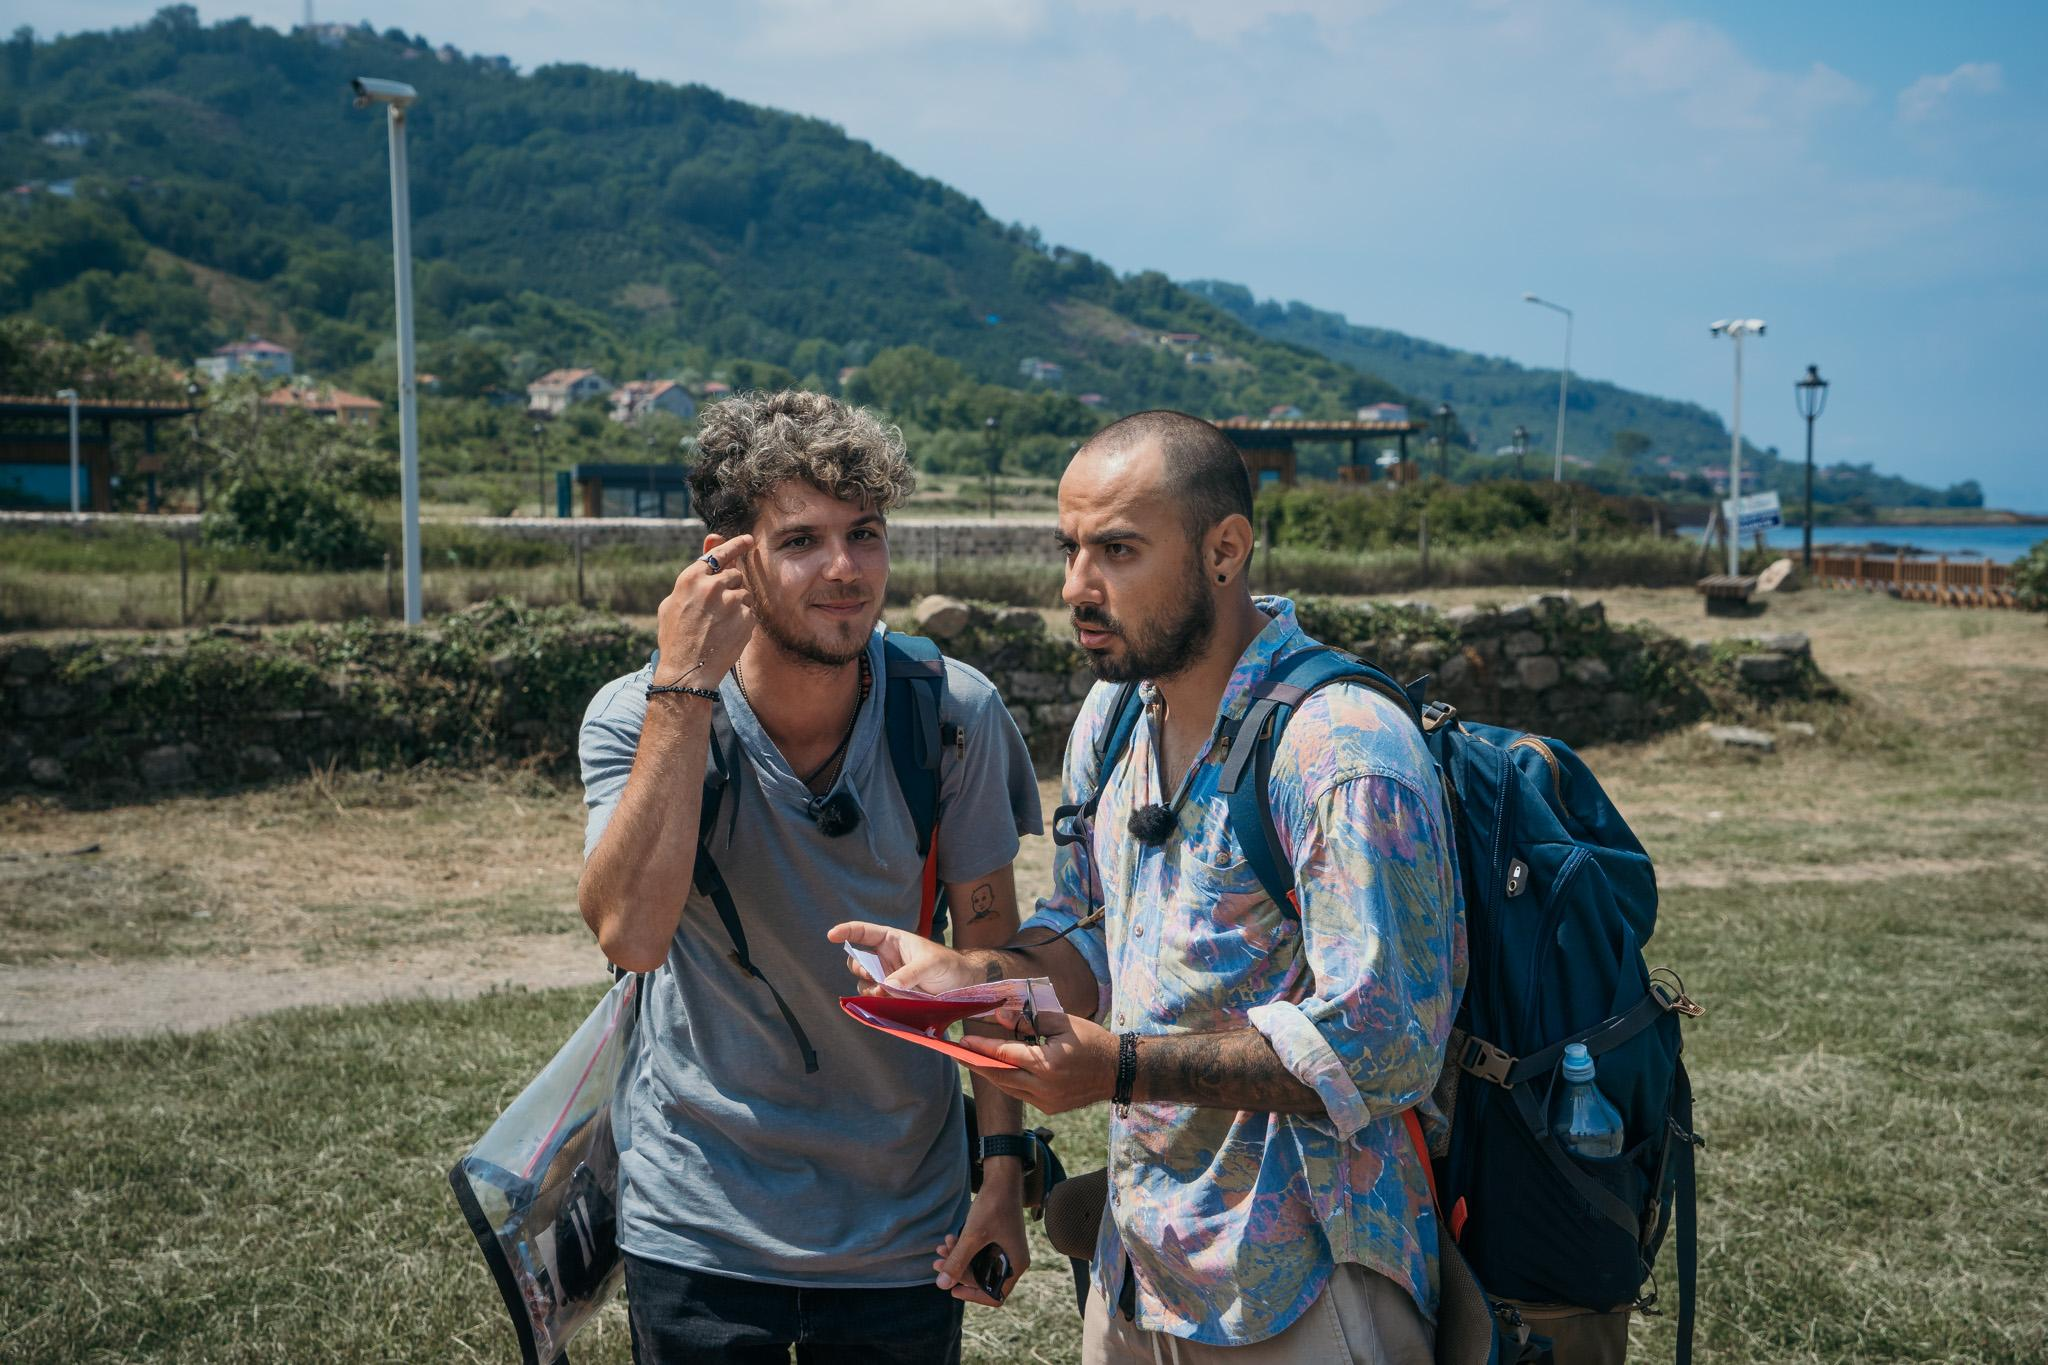 Premiera Asia Express - Drumul Împăraților se vede la Antena 1 în trei zile! Cuza a slăbit peste 5 kilograme în prima etapă